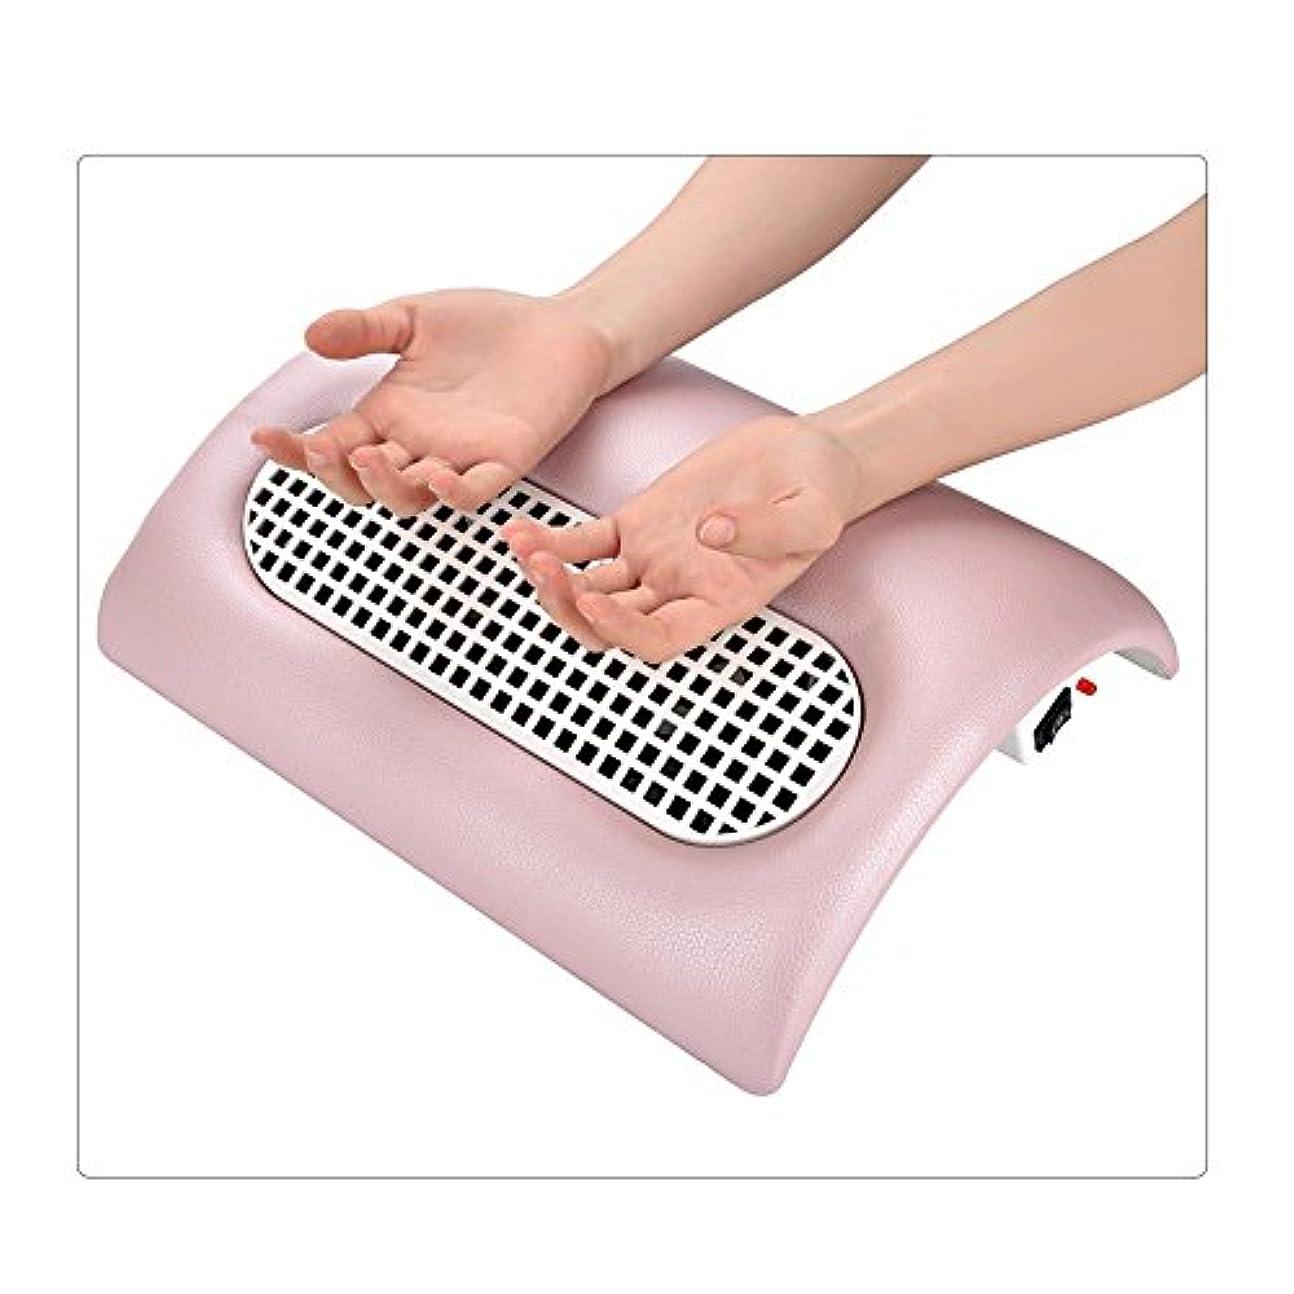 複雑なまつげ魅力的であることへのアピールネイル(釘)集塵機 ネイルダスト 集塵機  ダストクリーナー  ジェルネイル ネイル機器 (ピンク)